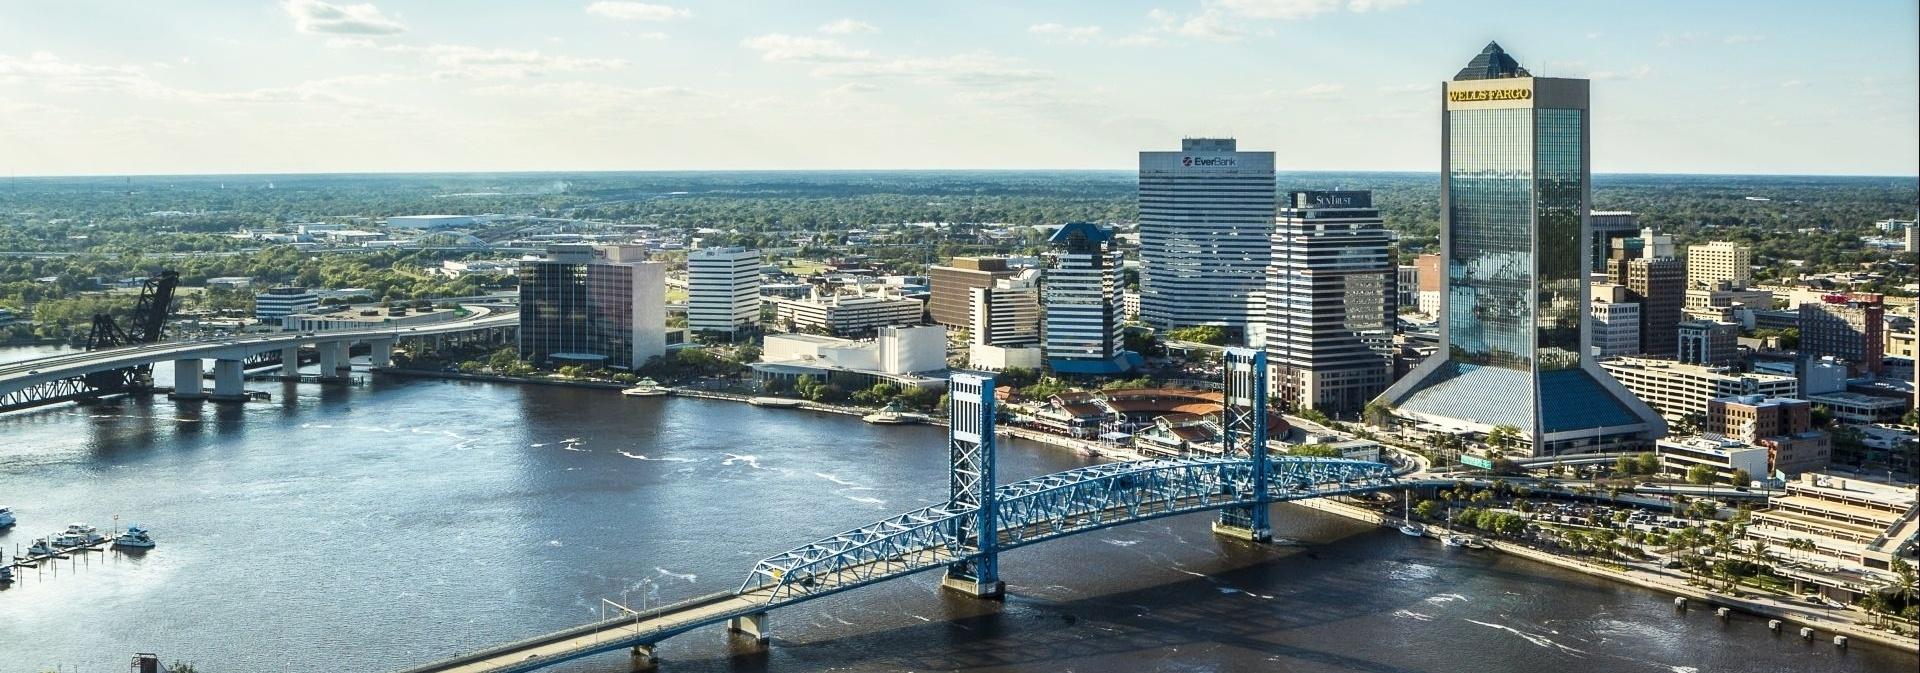 Jacksonville, Florida-201338-edited-237860-edited.jpg